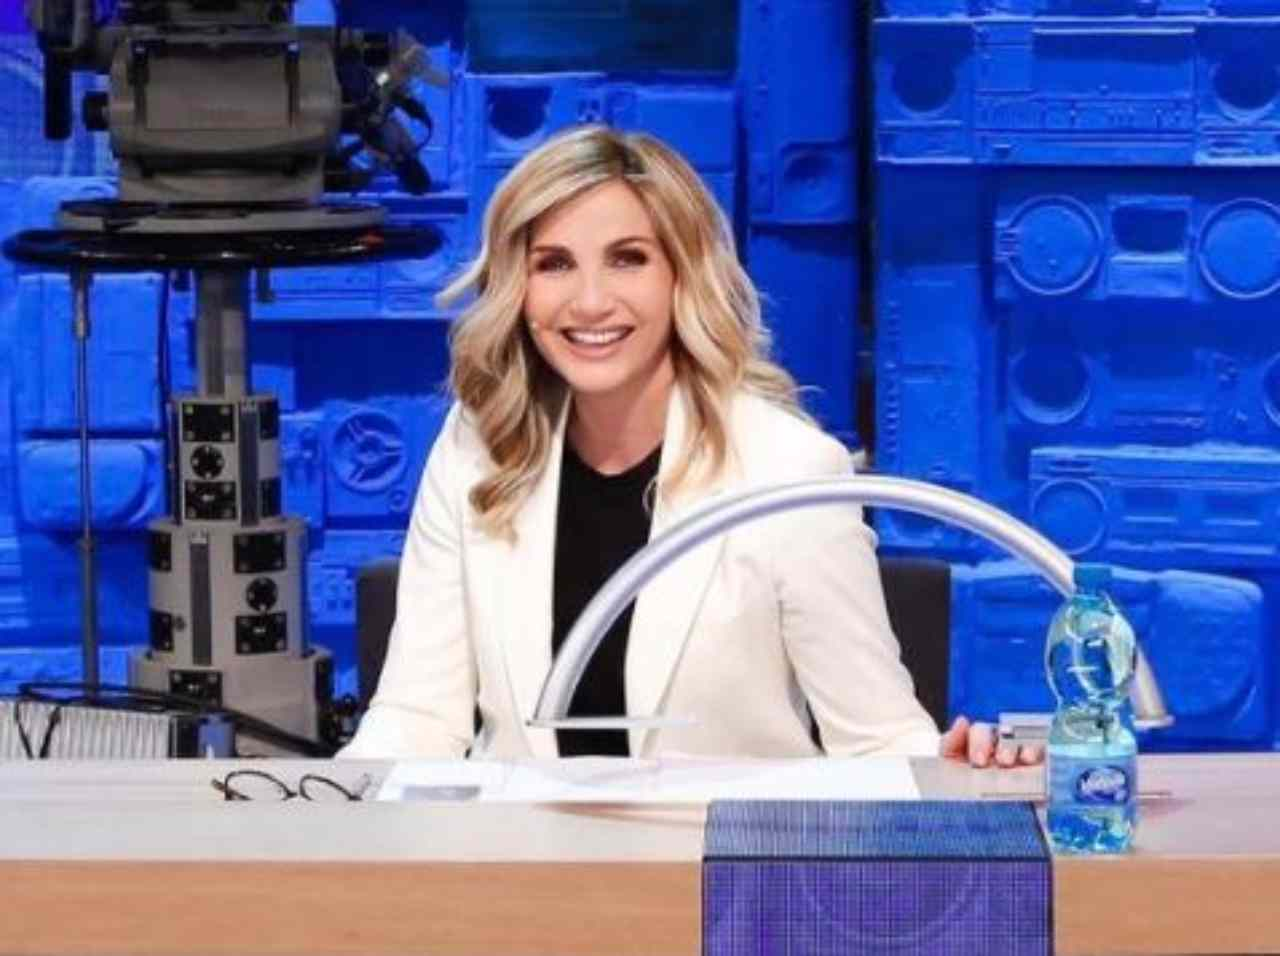 La conduttrice e showgirl Lorella Cuccarini ad Amici (foto Mediaset).